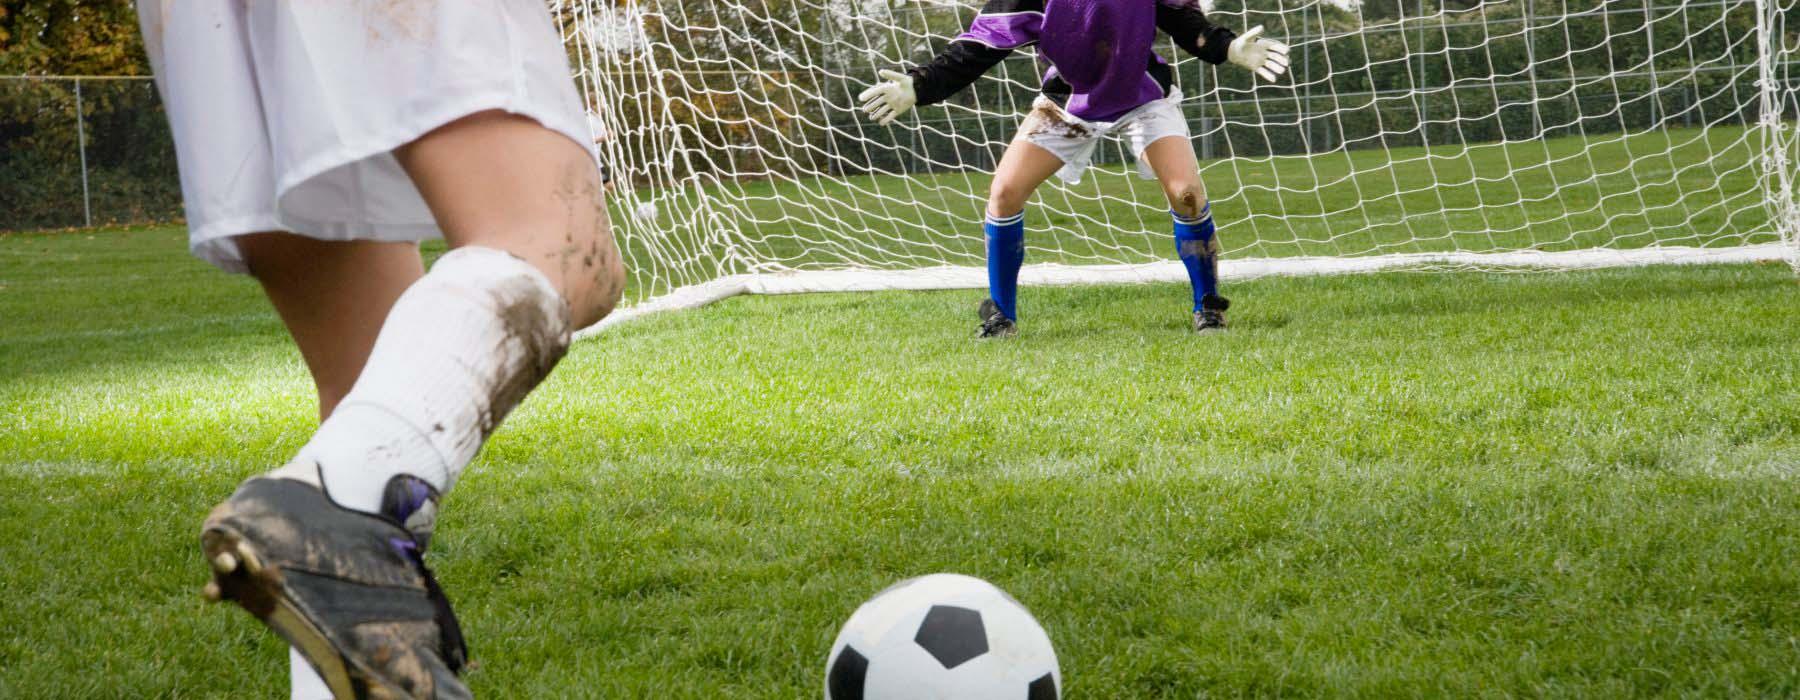 Lesiones de menisco en adolescentes